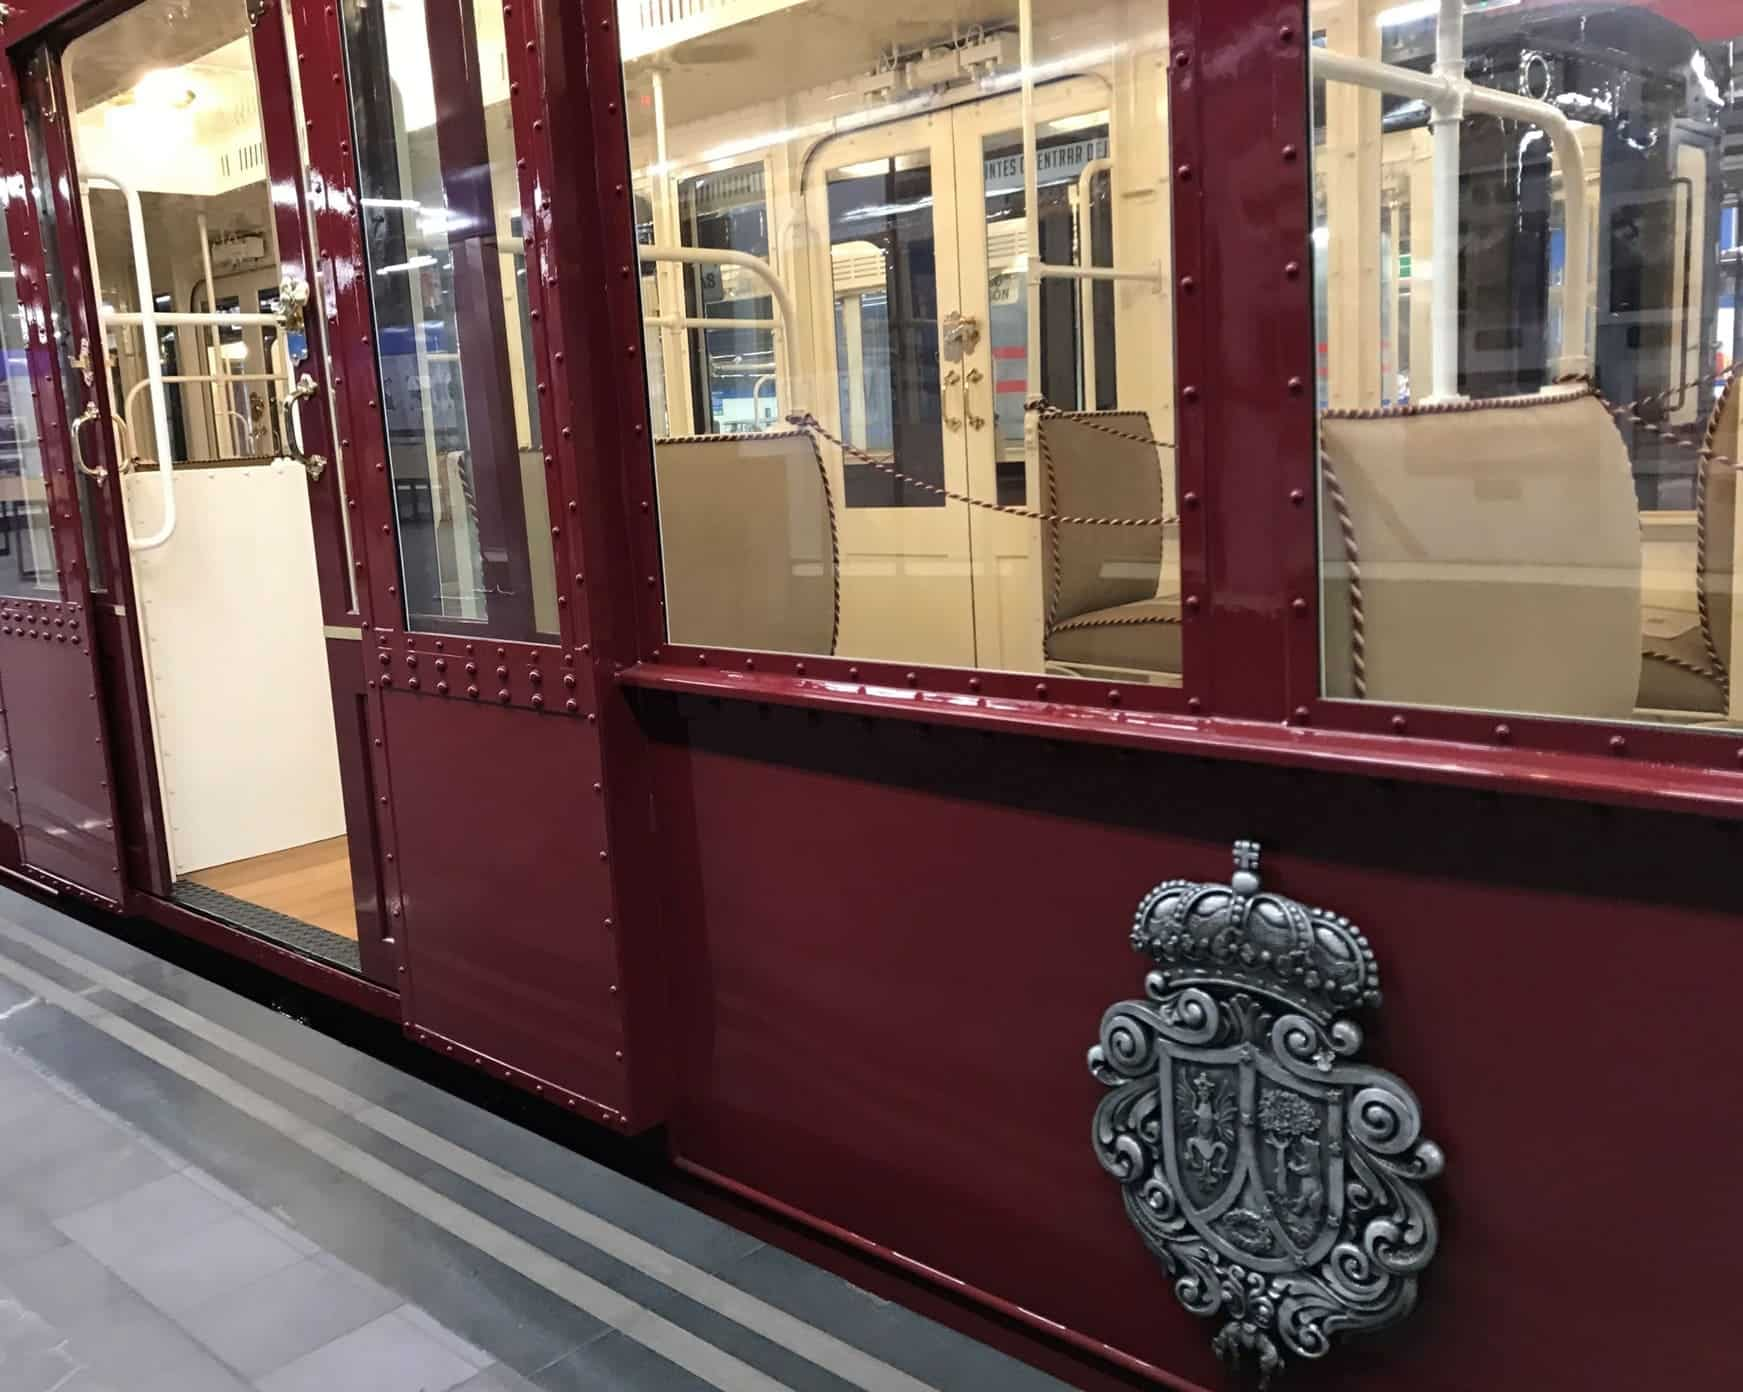 exposicion de trenes antiguos en madrid